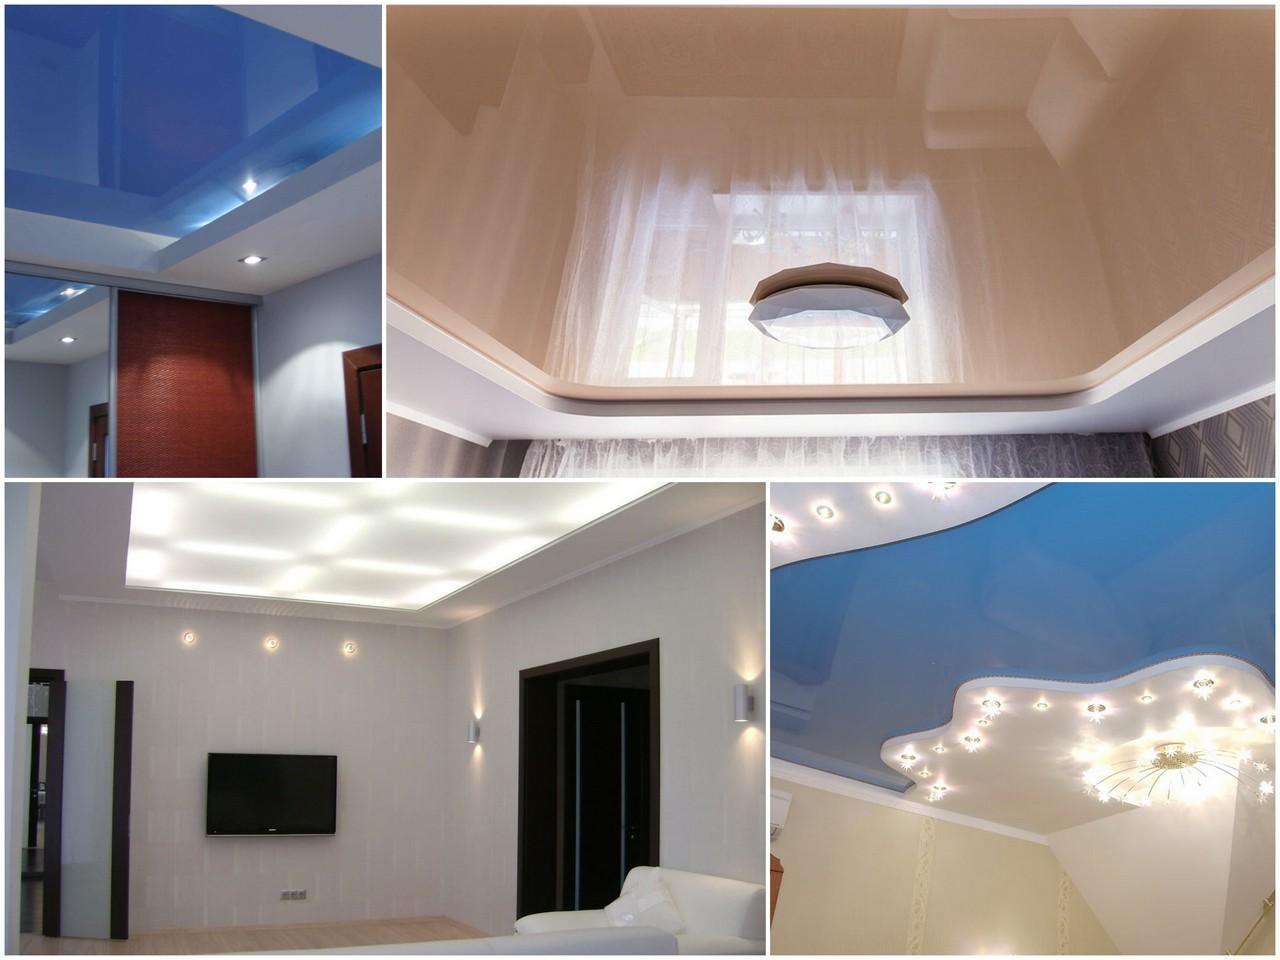 Натяжные потолки имеют уникальный дизайн и исключительный внешний вид